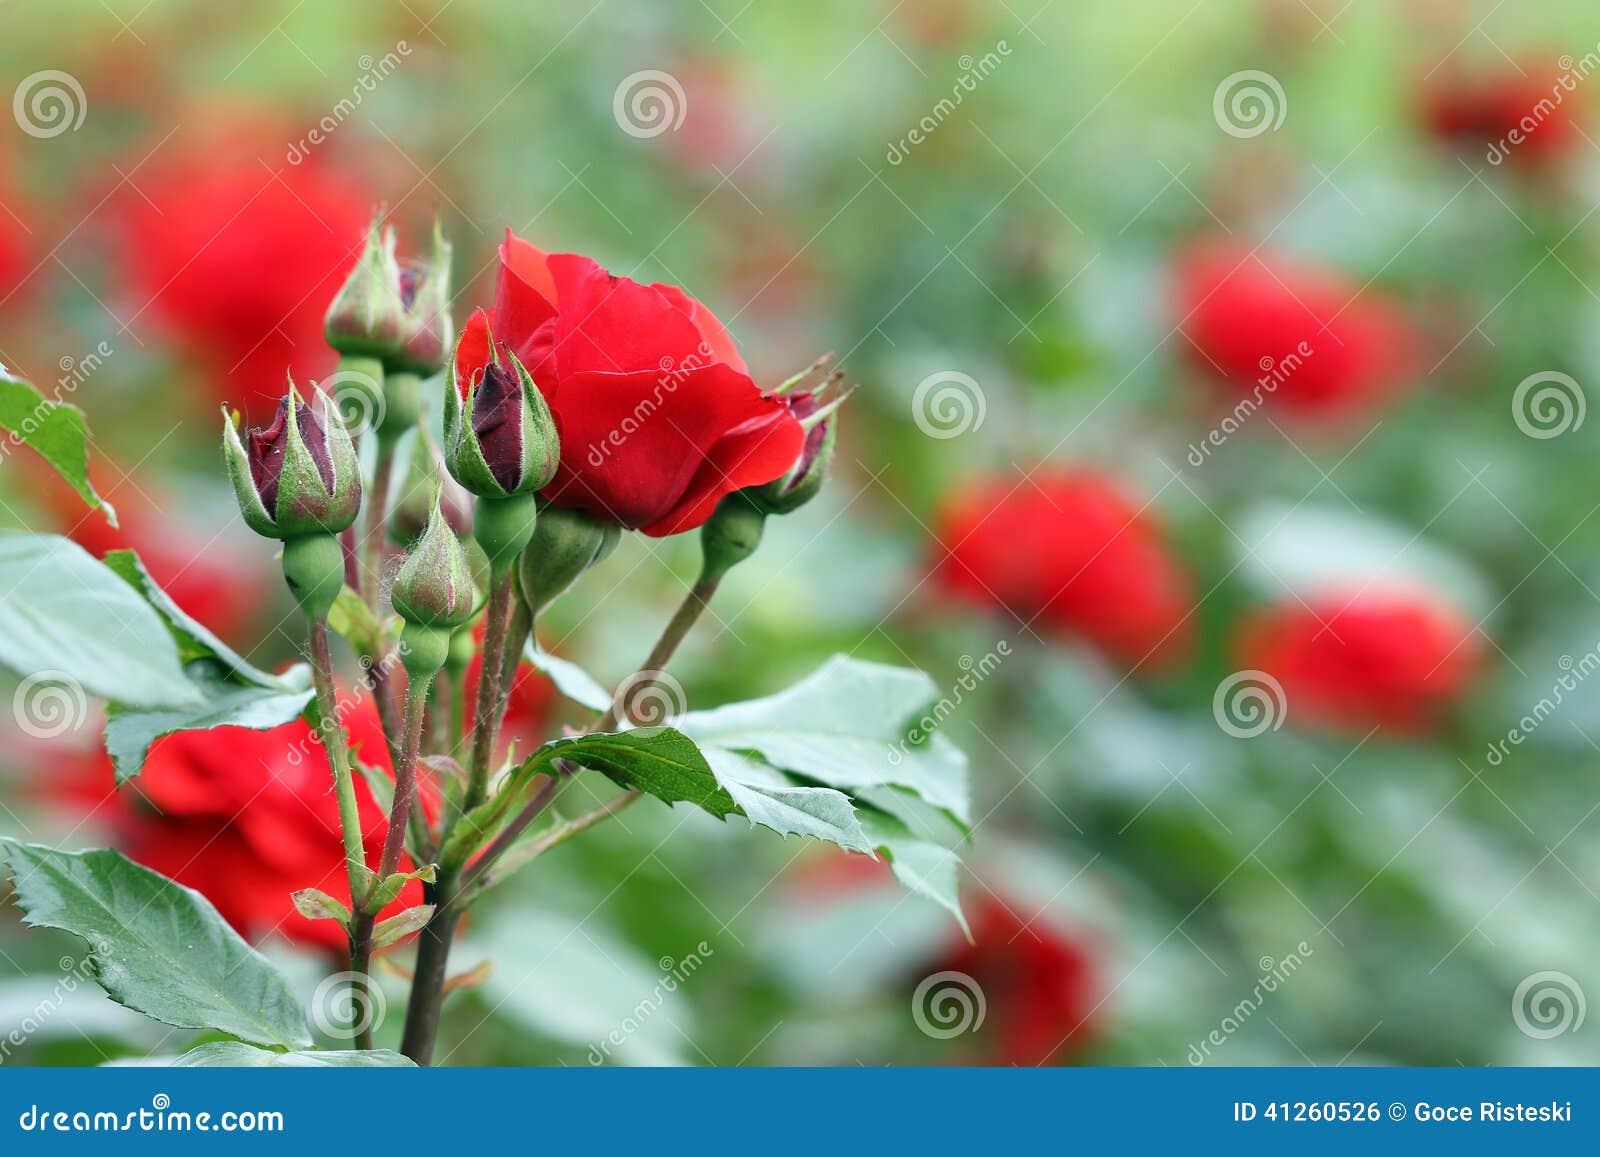 jardins rosas vermelhas:Jardín De Rosas Rojas Foto de archivo – Imagen: 41260526